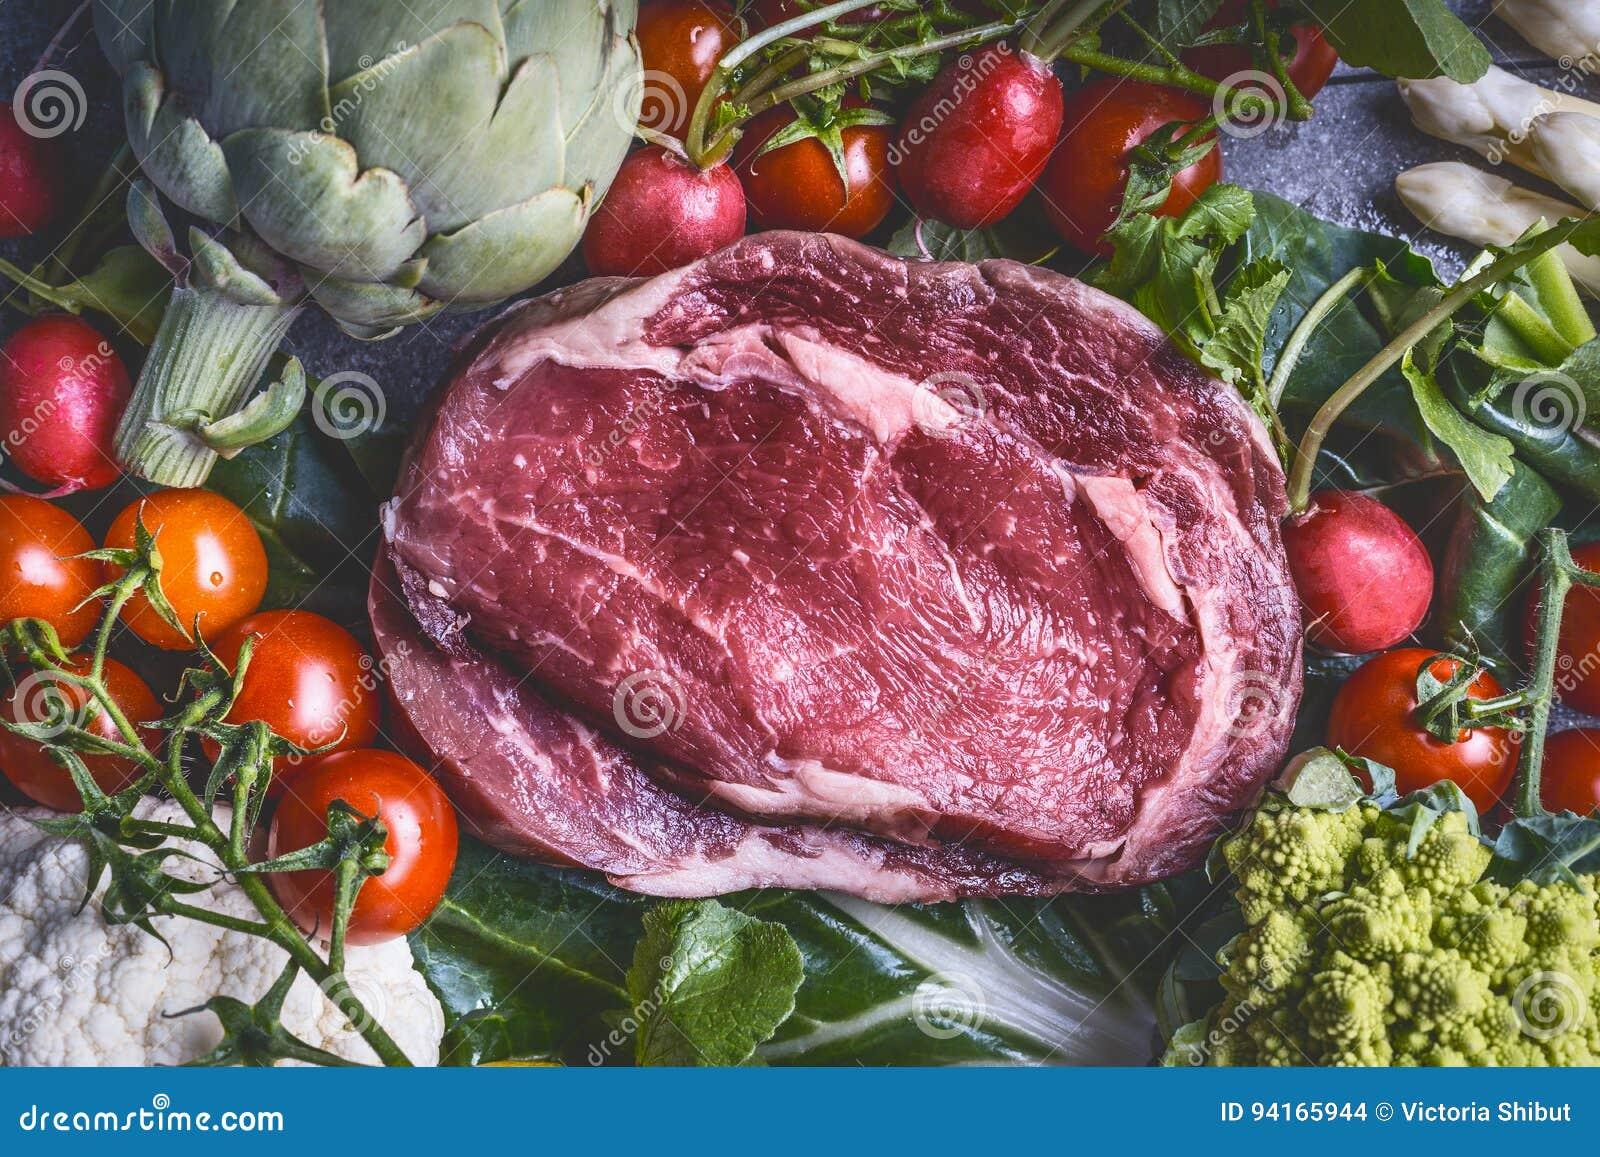 生肉和各种各样的菜:朝鲜蓟,蕃茄,硬花甘蓝,芦笋,花椰菜,顶视图